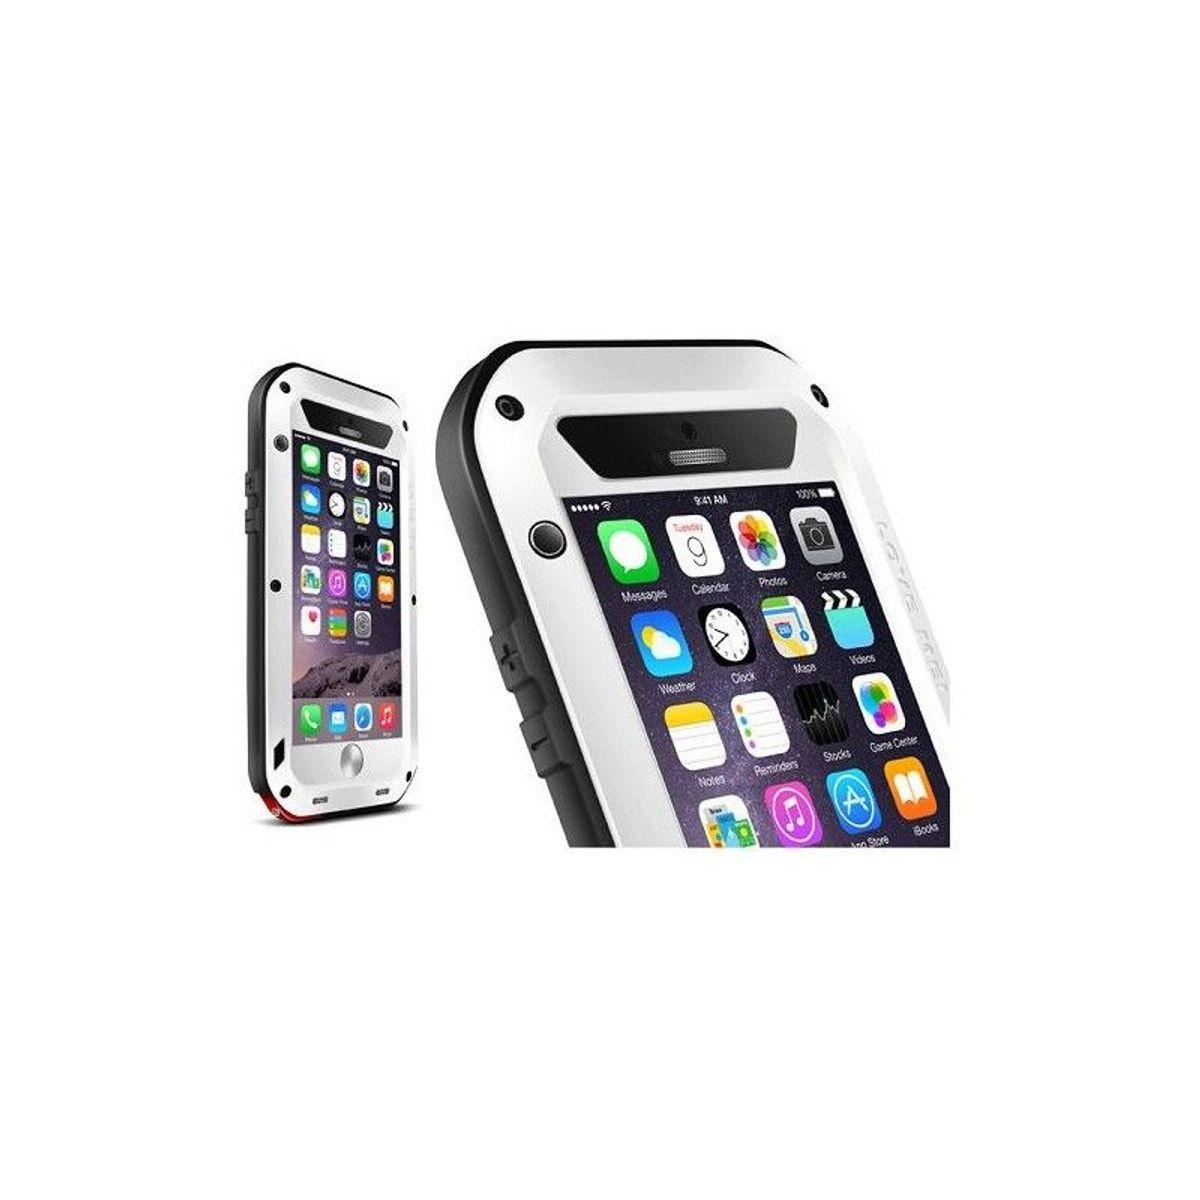 Coque Iphone 6 Plus 6s Plus Etanche Antichocs Aluminium Blanche Taille Taille Unique Coque Iphone 6 Coque Iphone Et Iphone 6